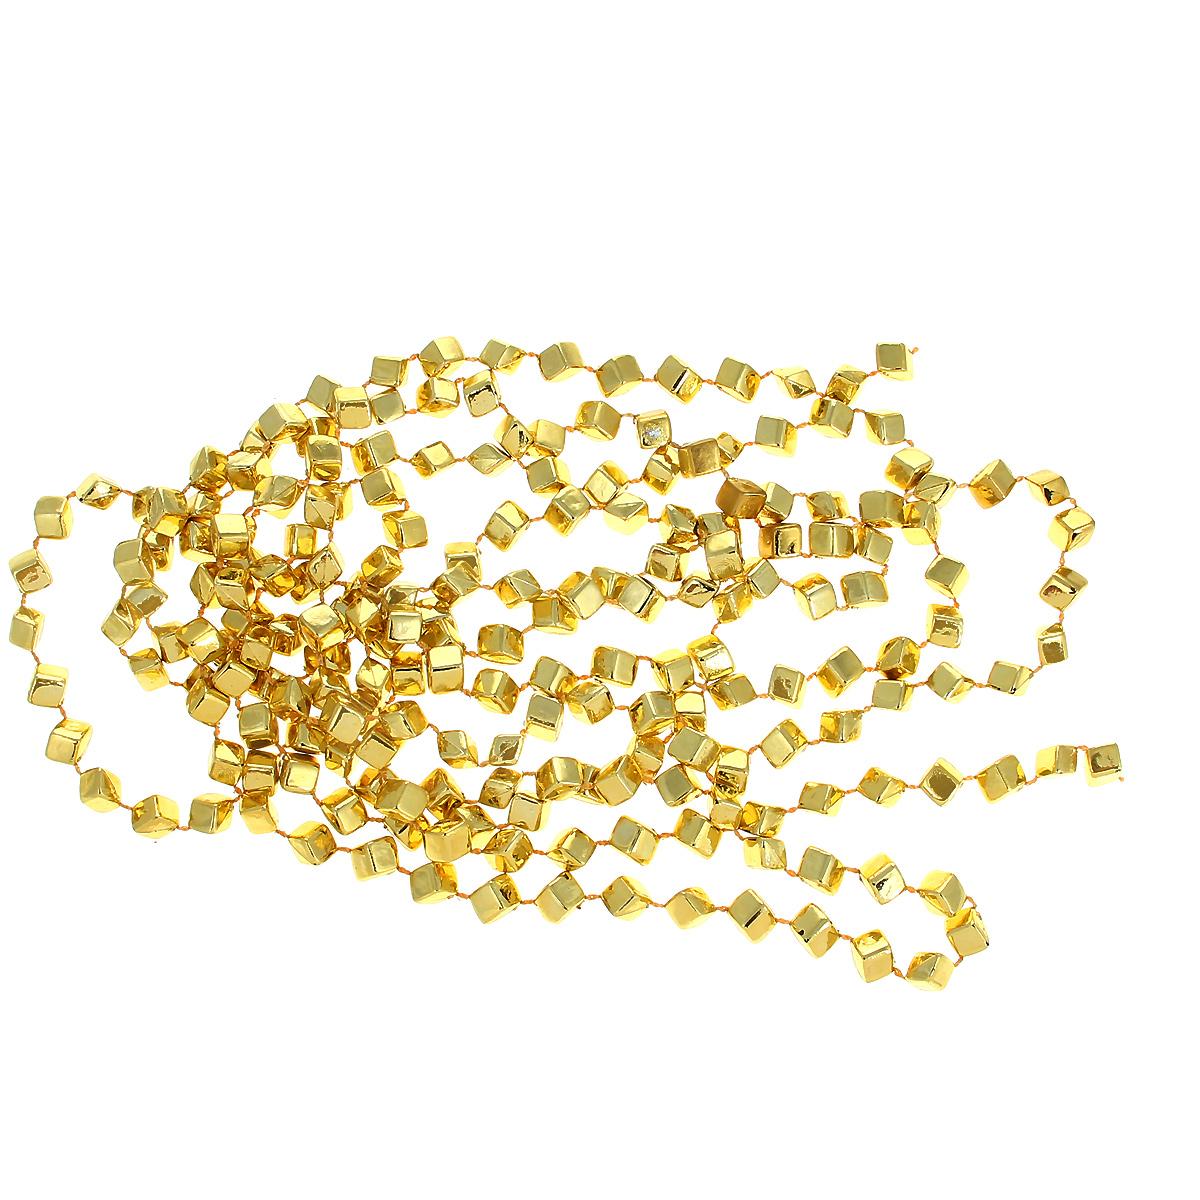 Новогодняя гирлянда Кубики, цвет: золотистый, 270 см31629Новогодняя гирлянда прекрасно подойдет для декора дома или офиса. Украшение выполнено из разноцветной металлизированной фольги. С помощью специальных петелек гирлянду можно повесить в любом понравившемся вам месте. Украшение легко складывается и раскладывается.Новогодние украшения несут в себе волшебство и красоту праздника. Они помогут вам украсить дом к предстоящим праздникам и оживить интерьер по вашему вкусу. Создайте в доме атмосферу тепла, веселья и радости, украшая его всей семьей.